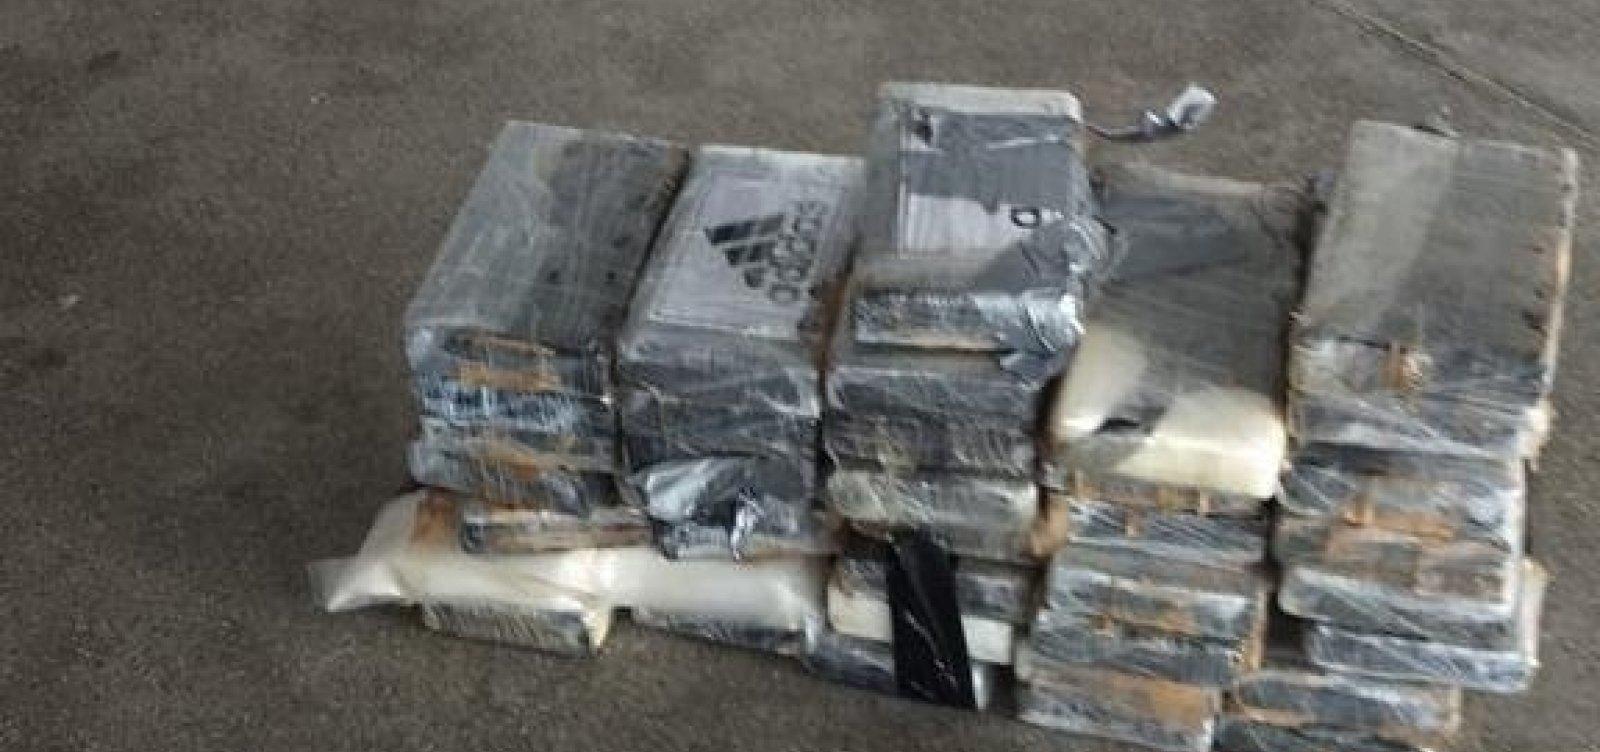 Meia tonelada de cocaína é apreendida em avião no aeroporto de Salvador